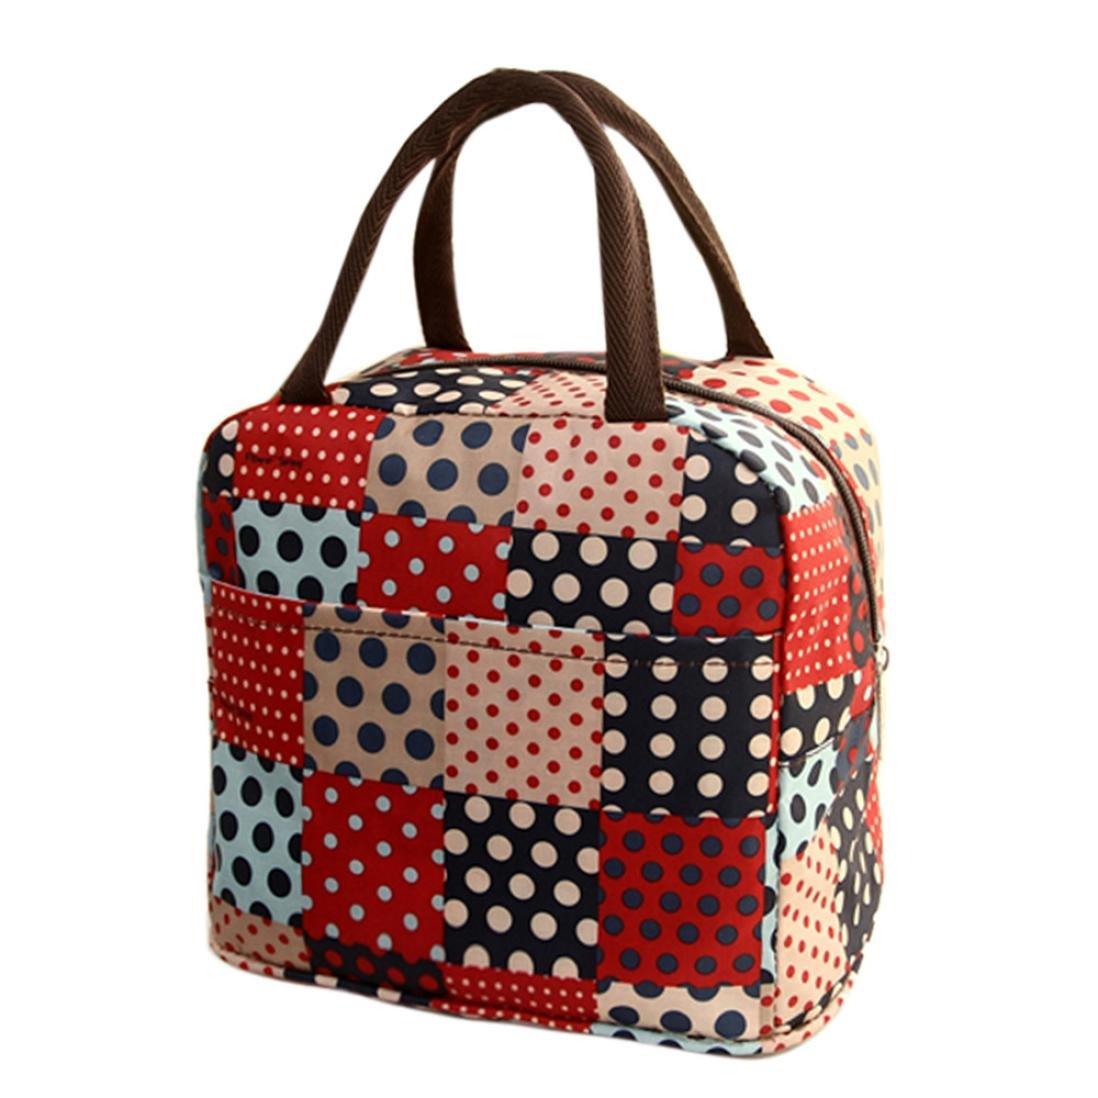 Sac à déjeuner Honestyi isolation thermique sac déjeuner pique-nique sac glacière garde au frais sac à main poche–chiffon de nettoyage en nylon–32 x 22 x 10cm 32*22*10cm Red